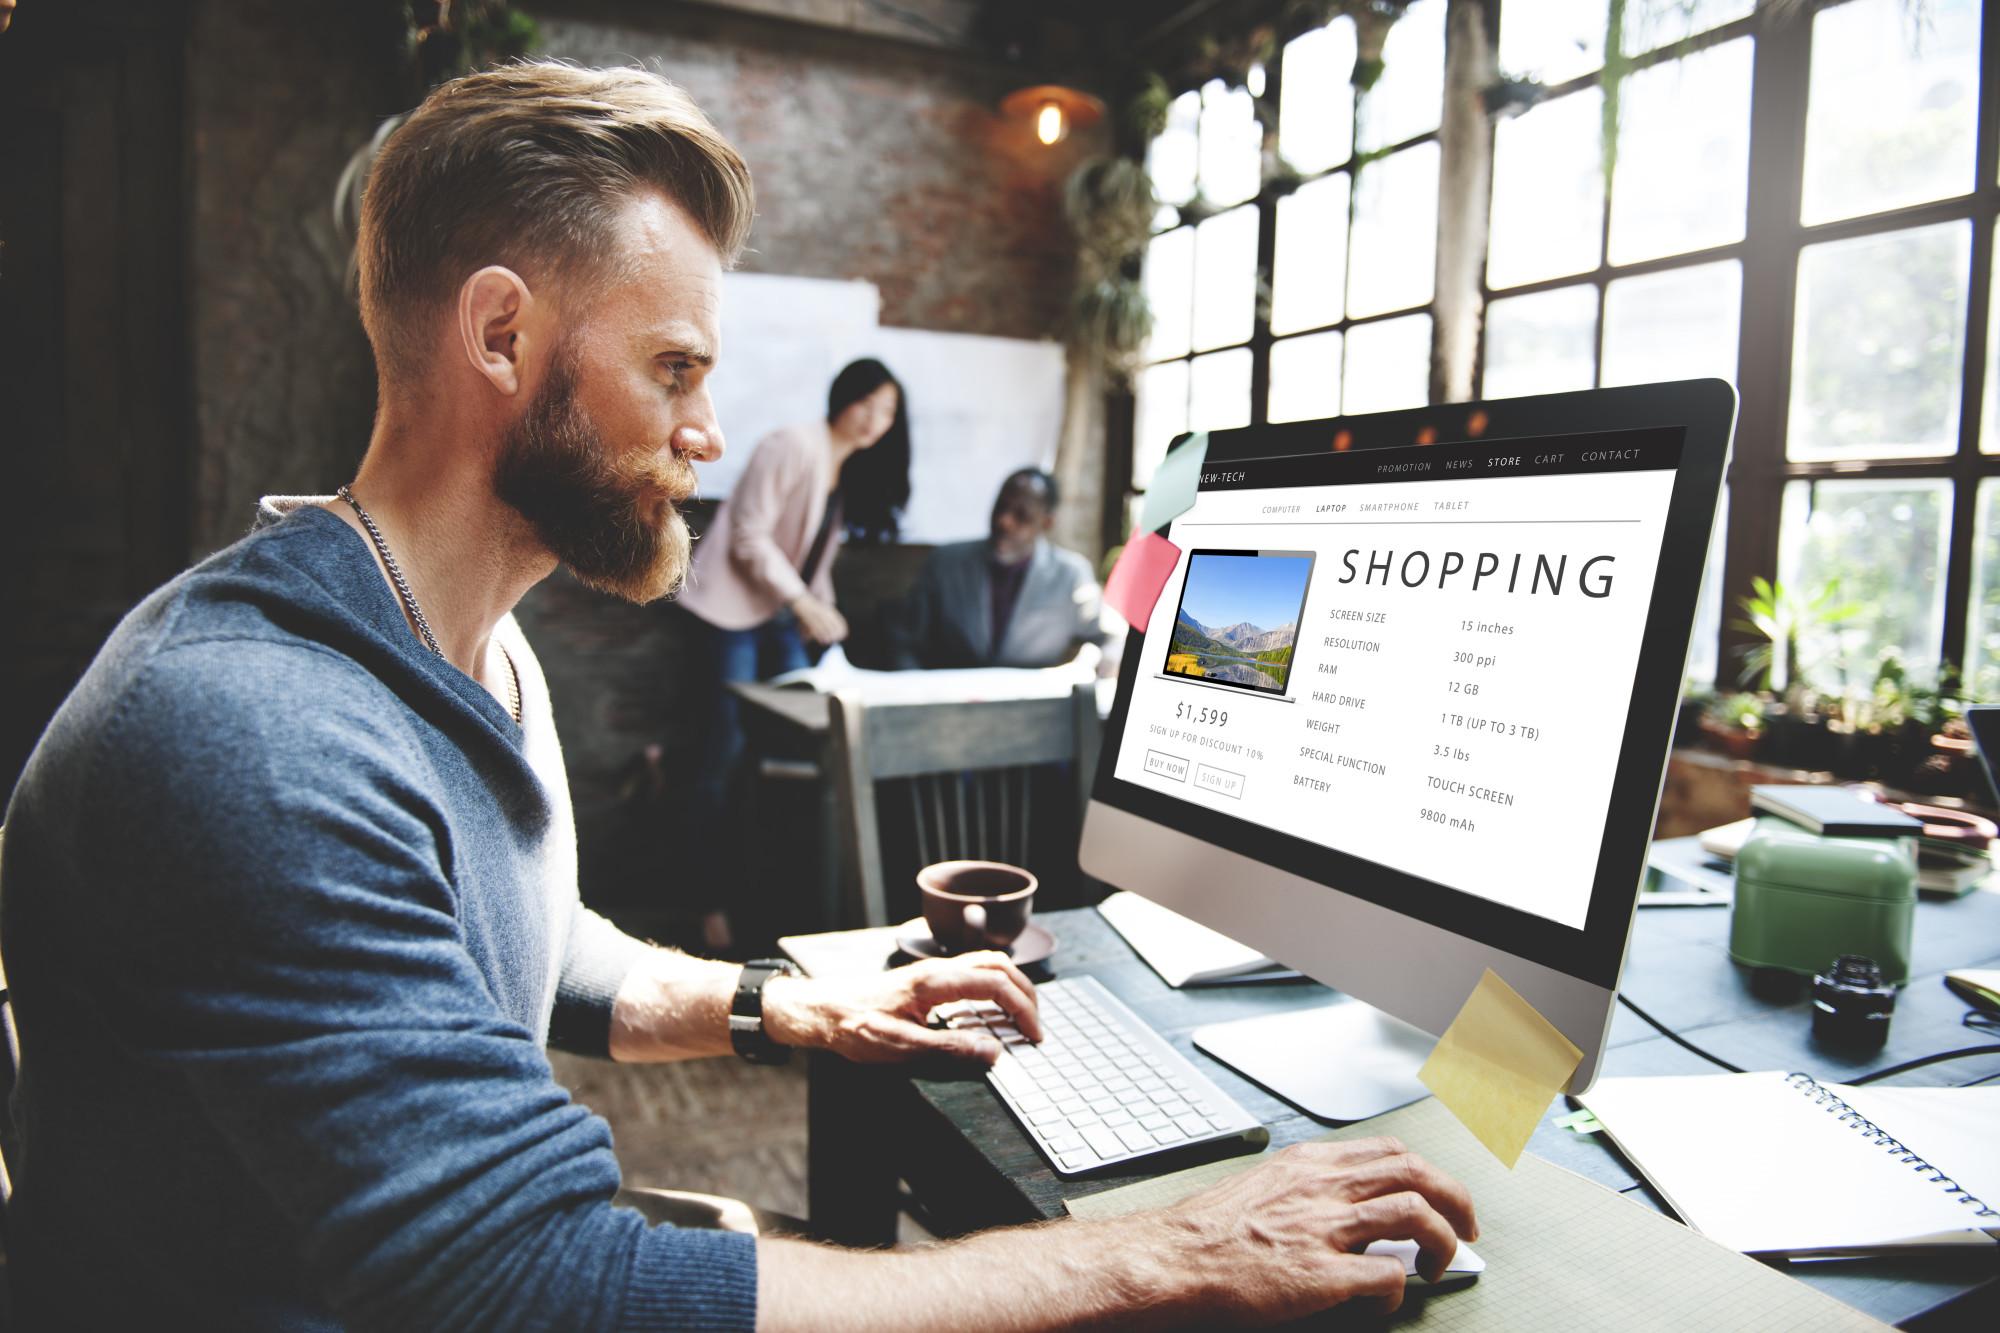 idee per ecommerce da usare sul tuo store